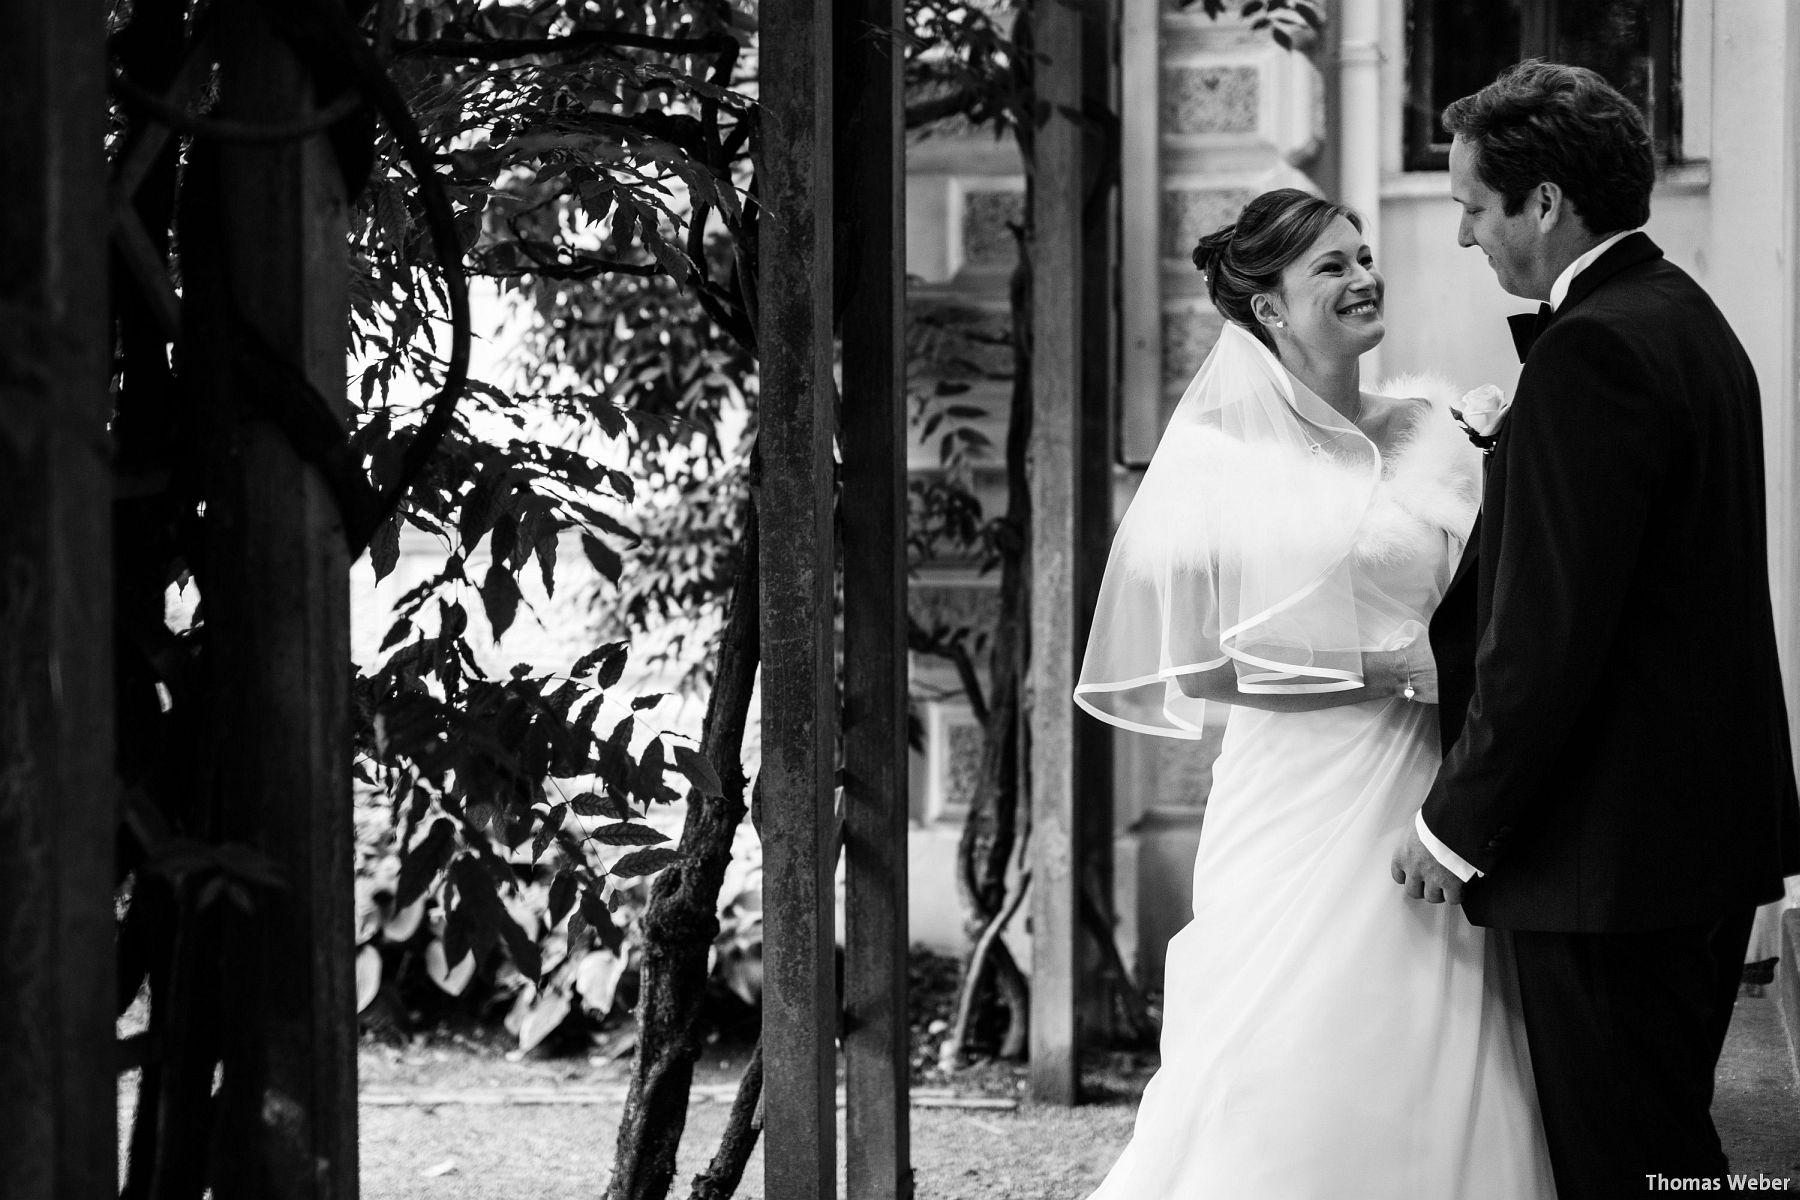 Hochzeitsfotograf Rastede: Kirchliche Trauung in der St. Ulrichs Kirche Rastede und Hochzeitsfeier in der Eventscheune St Georg Rastede mit dem Catering von Split Food (Michael Niebuhr) aus Oldenburg (11)